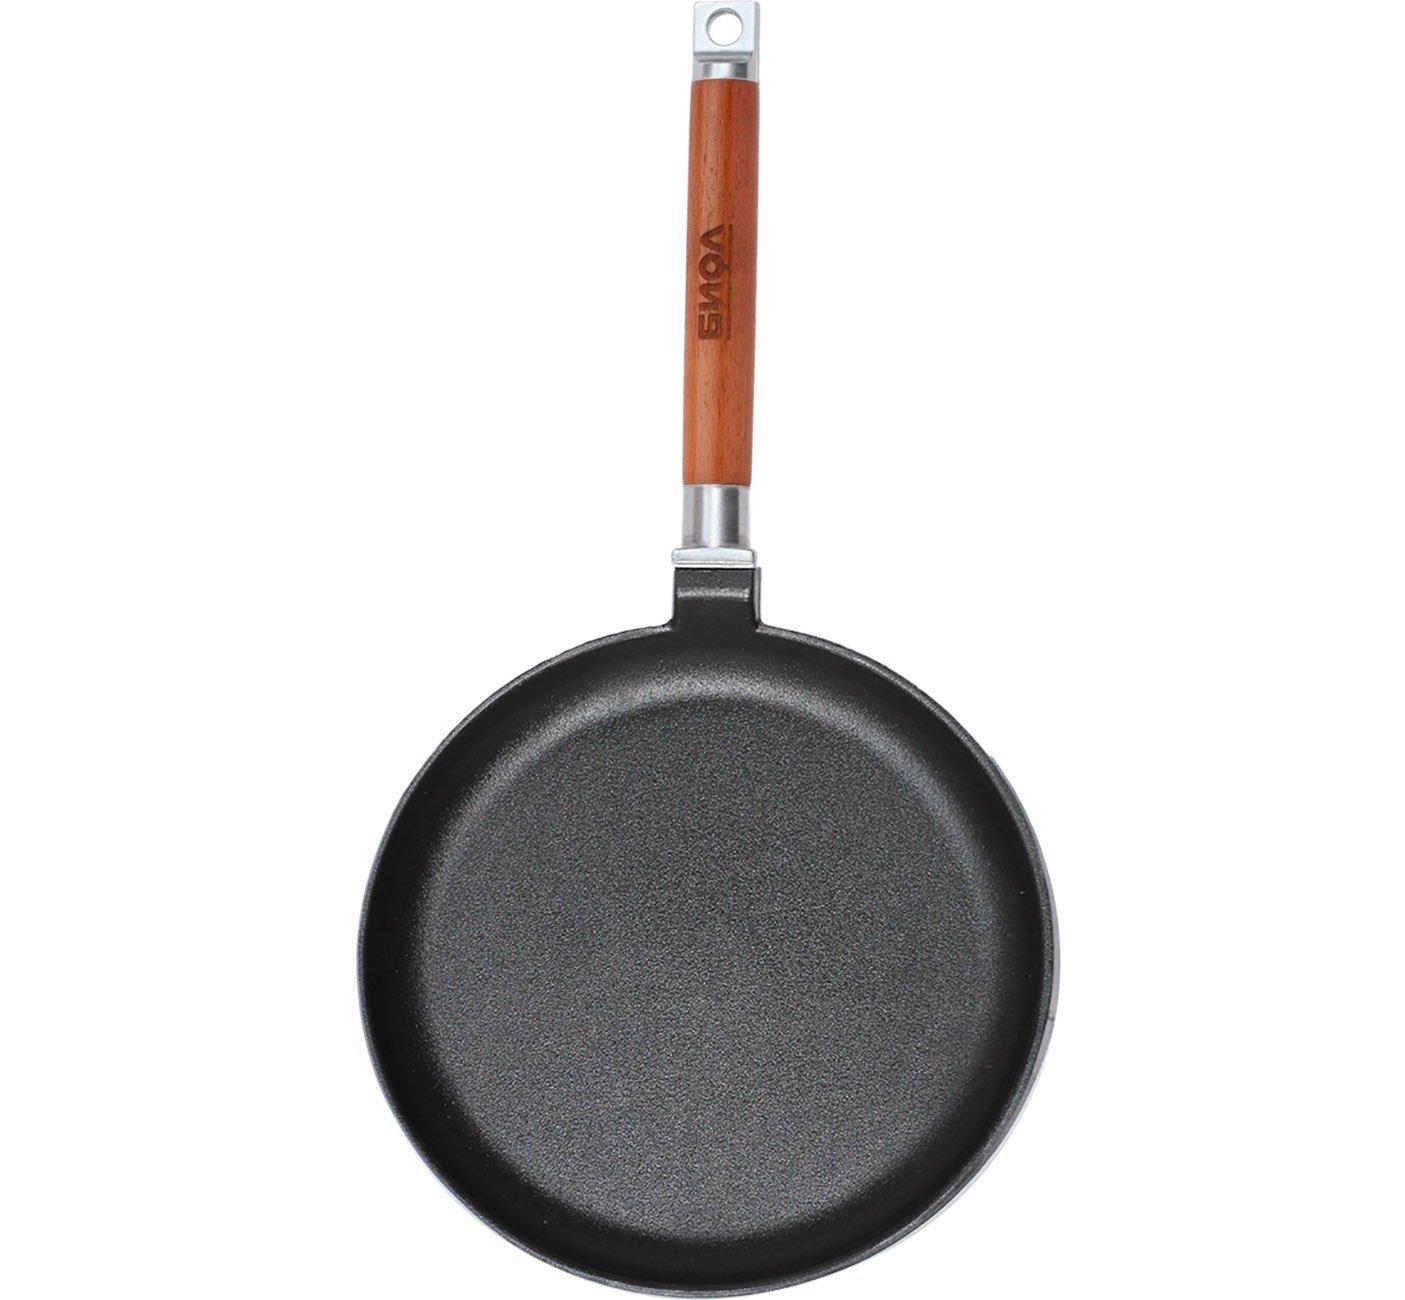 Sartén de hierro fundido de Biol, para tortitas y crepes, 22, 24 cm, mango de madera desmontable, para inducción, negro, 24 cm: Amazon.es: Hogar